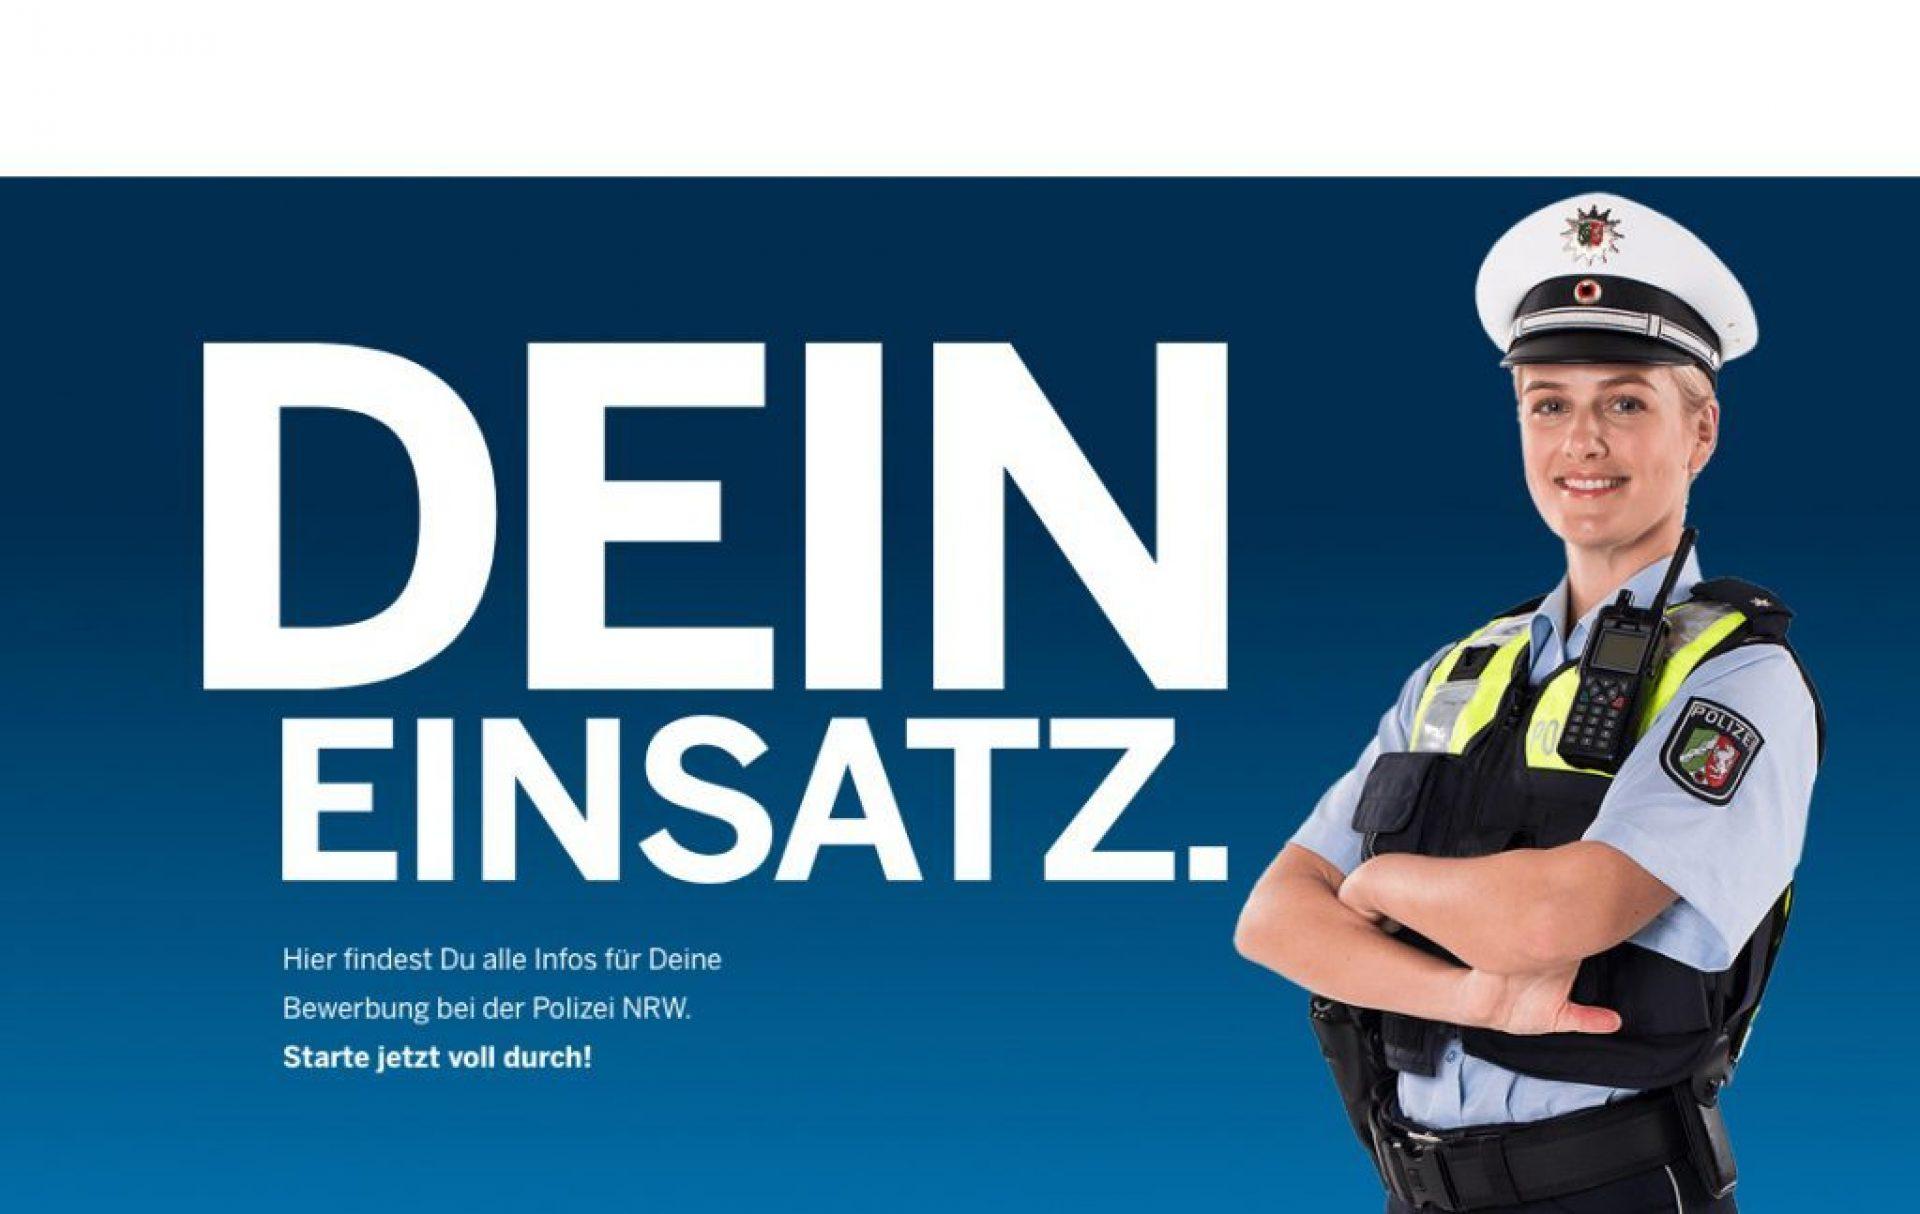 Polizeiberuf Nrw Bewerbung Ausbildung Test 3